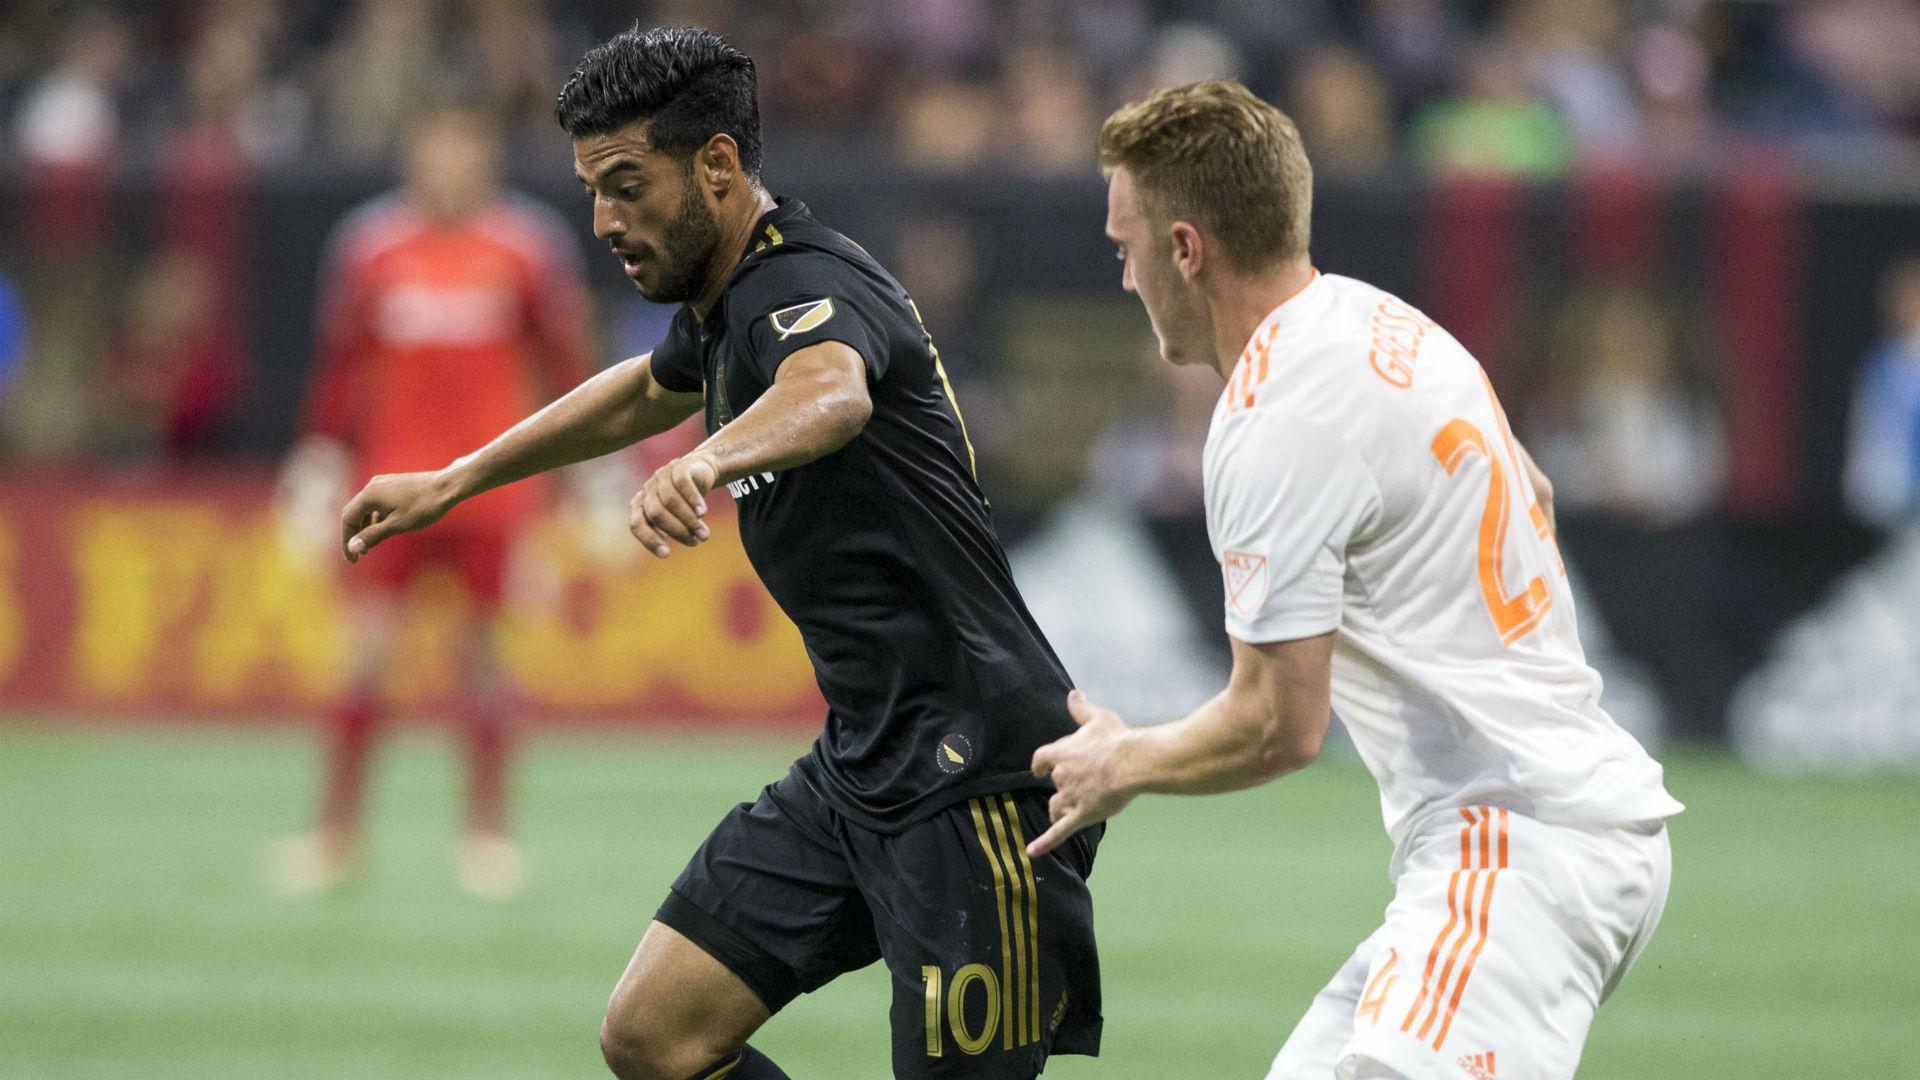 MLS Recap: Atlanta United Avoids Early Red Card, Beats LAFC 5-0